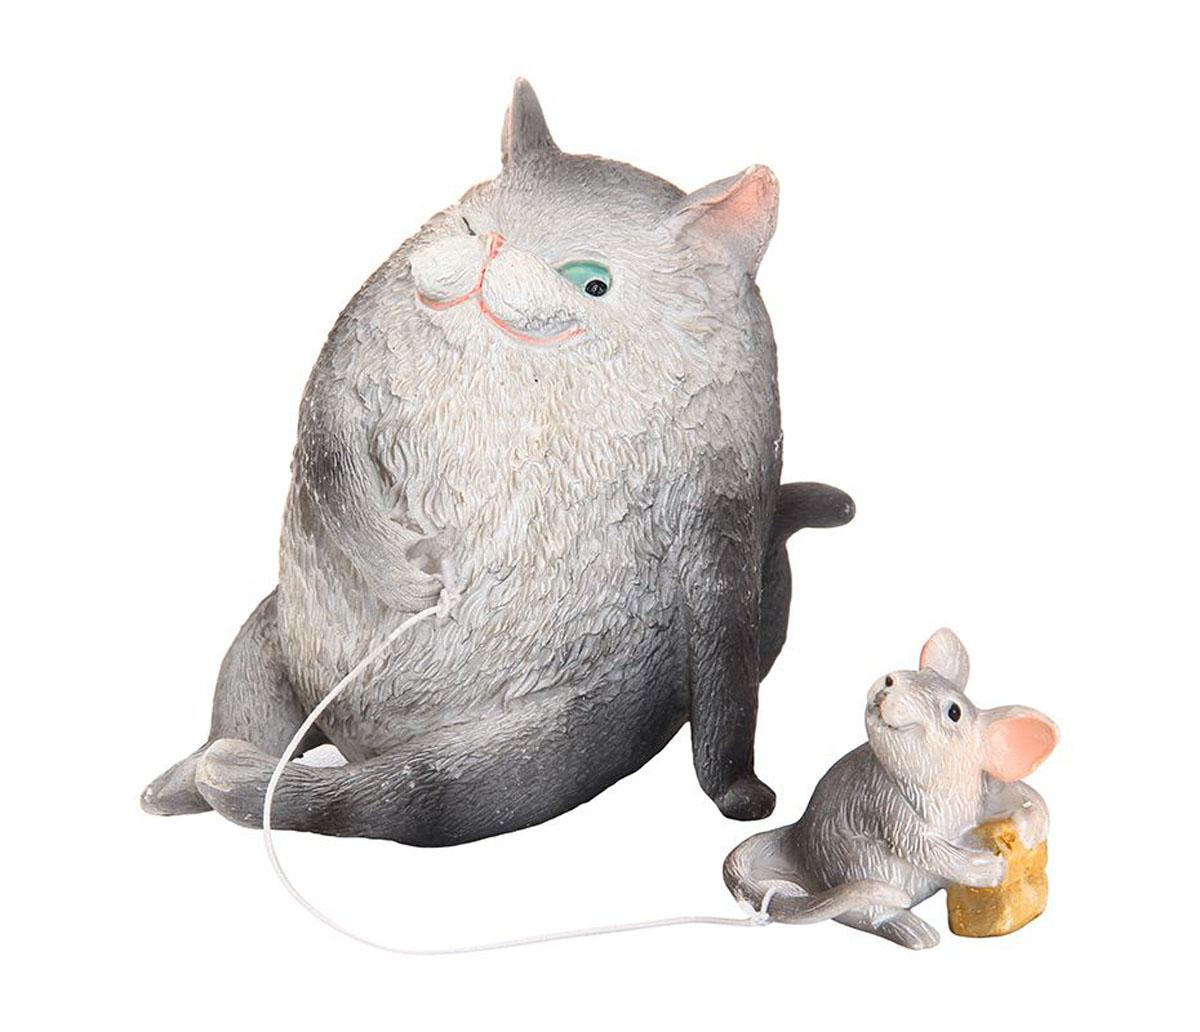 Фигурка декоративная Elan Gallery Кошки-мышки, высота 8 см700014Декоративные фигурки с изображением забавных животных, станут прекрасным сувениром, которые вызовет улыбку и поднимет настроение. Фигурки выполнены из полистоуна.